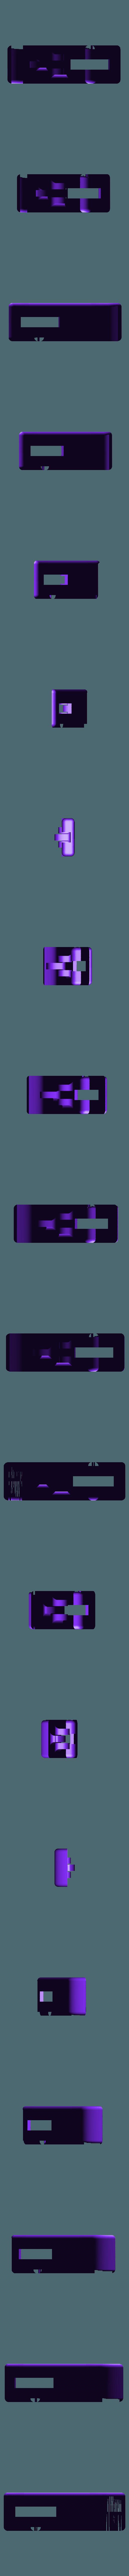 LGSki_Scaled.stl Télécharger fichier STL gratuit Module HF3D : Plan imprimé 3D • Modèle pour imprimante 3D, FurEter